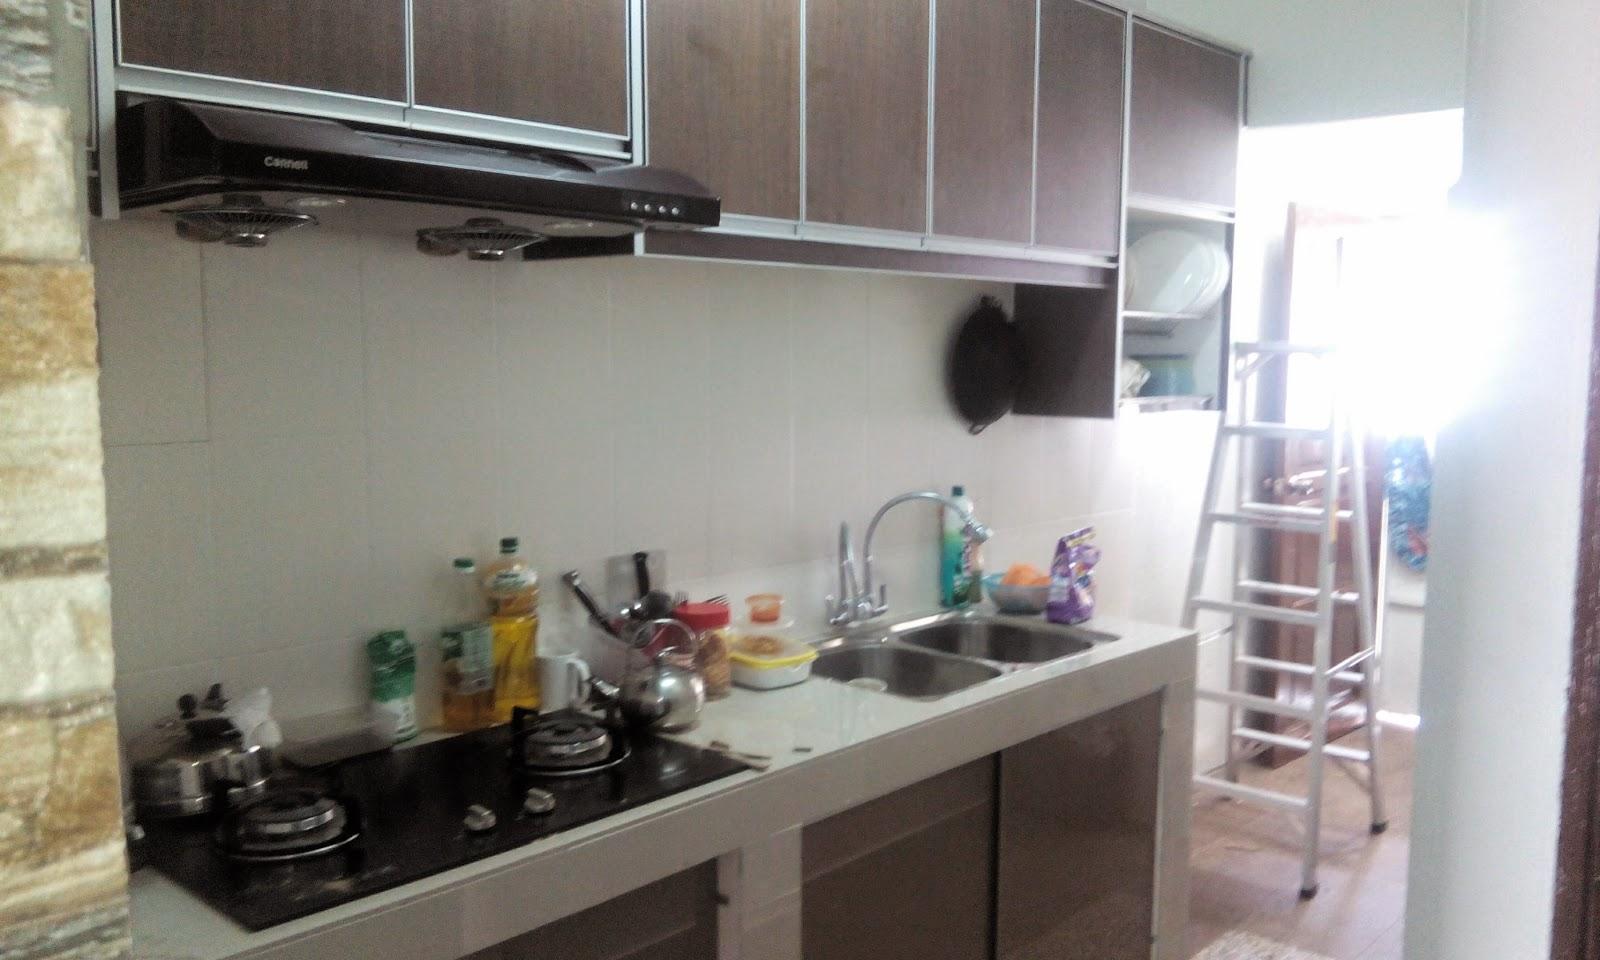 Cantikkan Simple Je Design Kabinet Dapur Rumah Ni